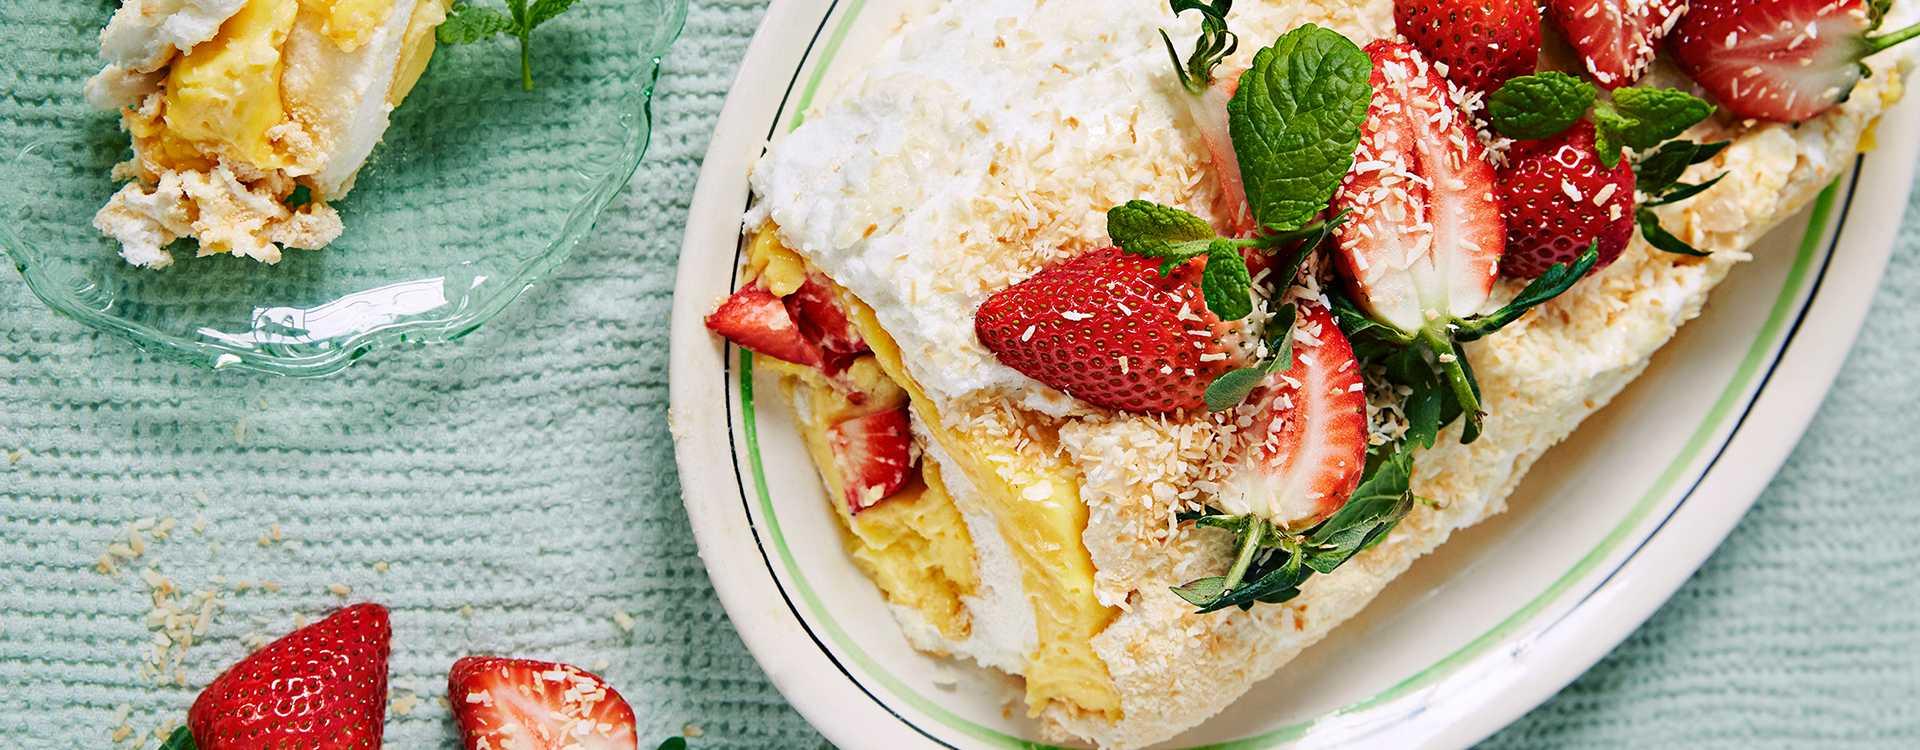 Kokosmarengskake med myntekrem, jordbær og nektariner